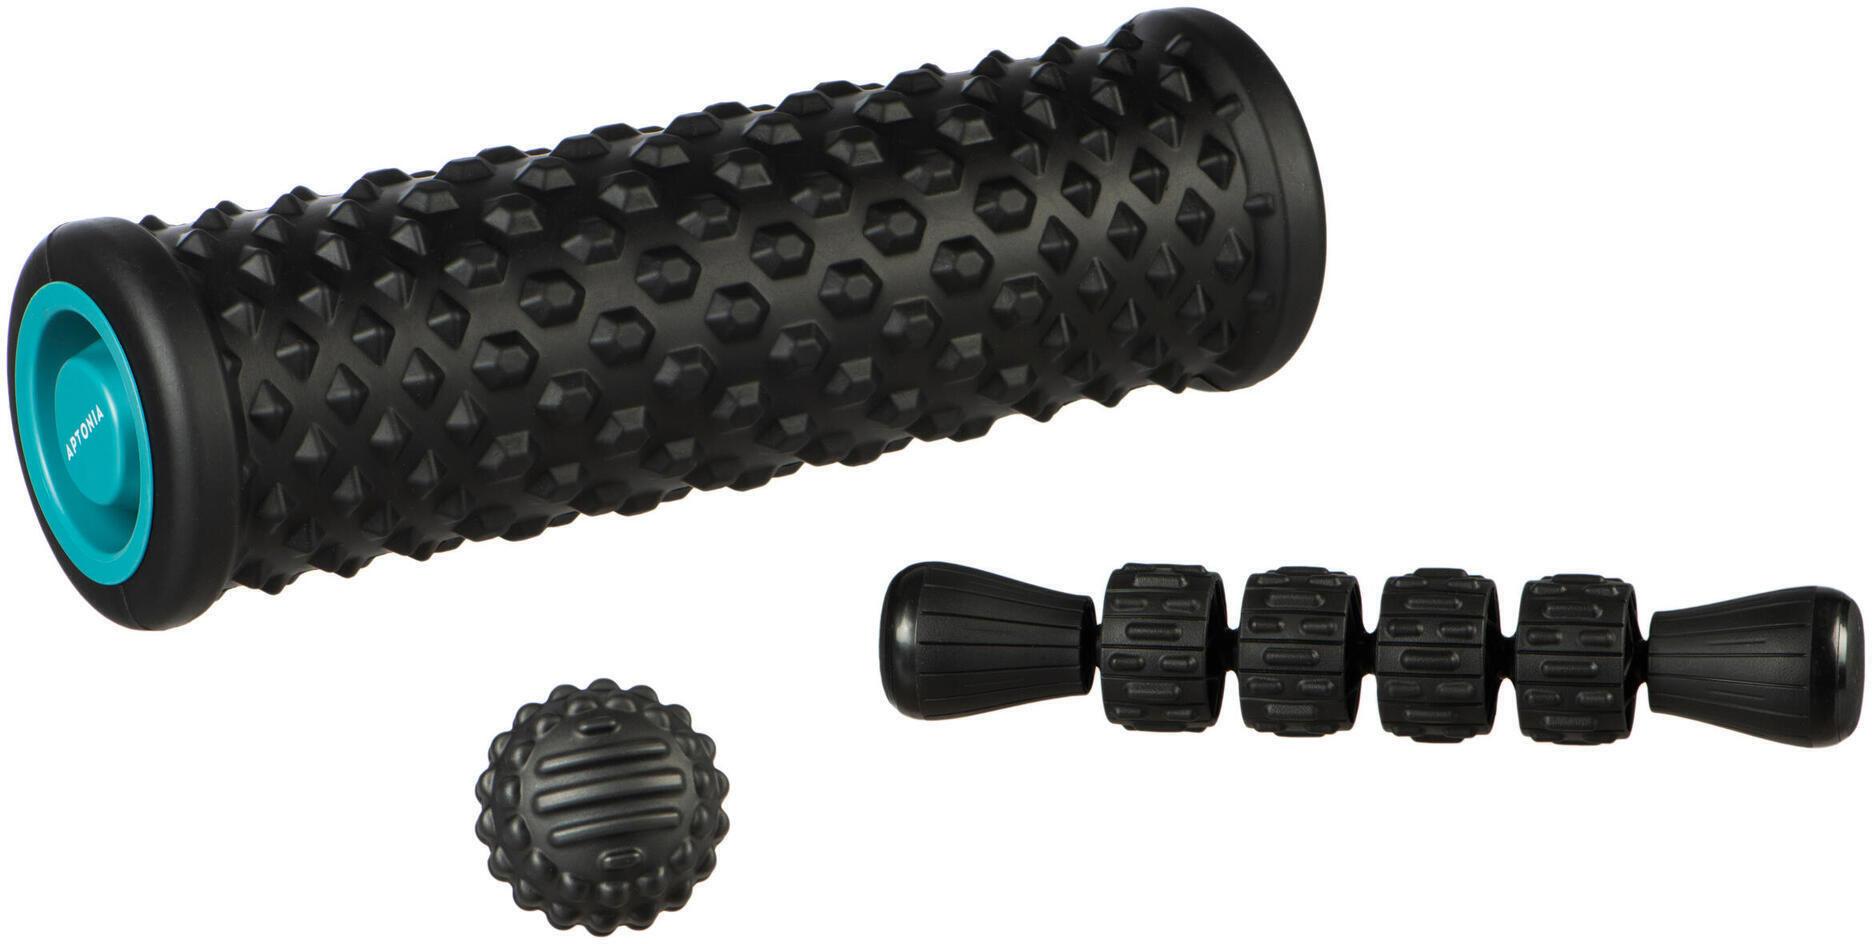 Zestaw do masażu: wałek do masażu/ foam roller, piłka, drążek do masażu